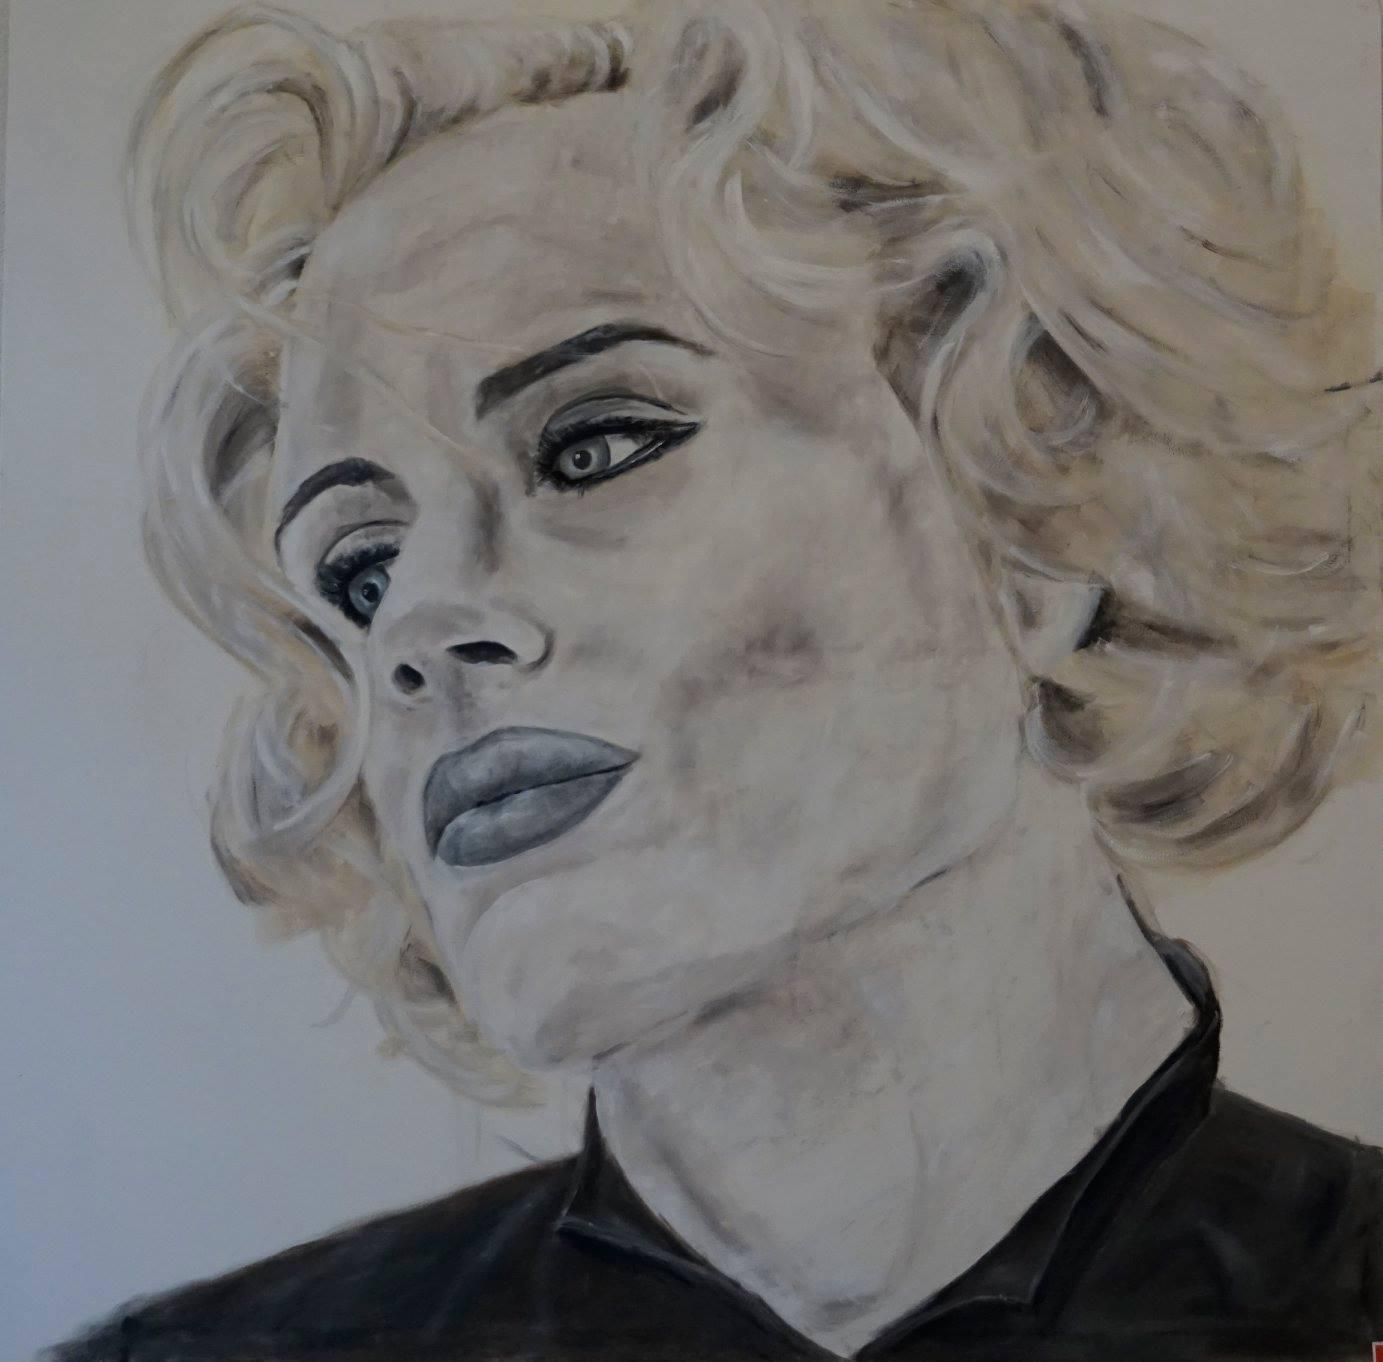 Porträt 'Gwenn', Öl auf Leinwand, 150 cm h x 150 cm b x 2 cm t